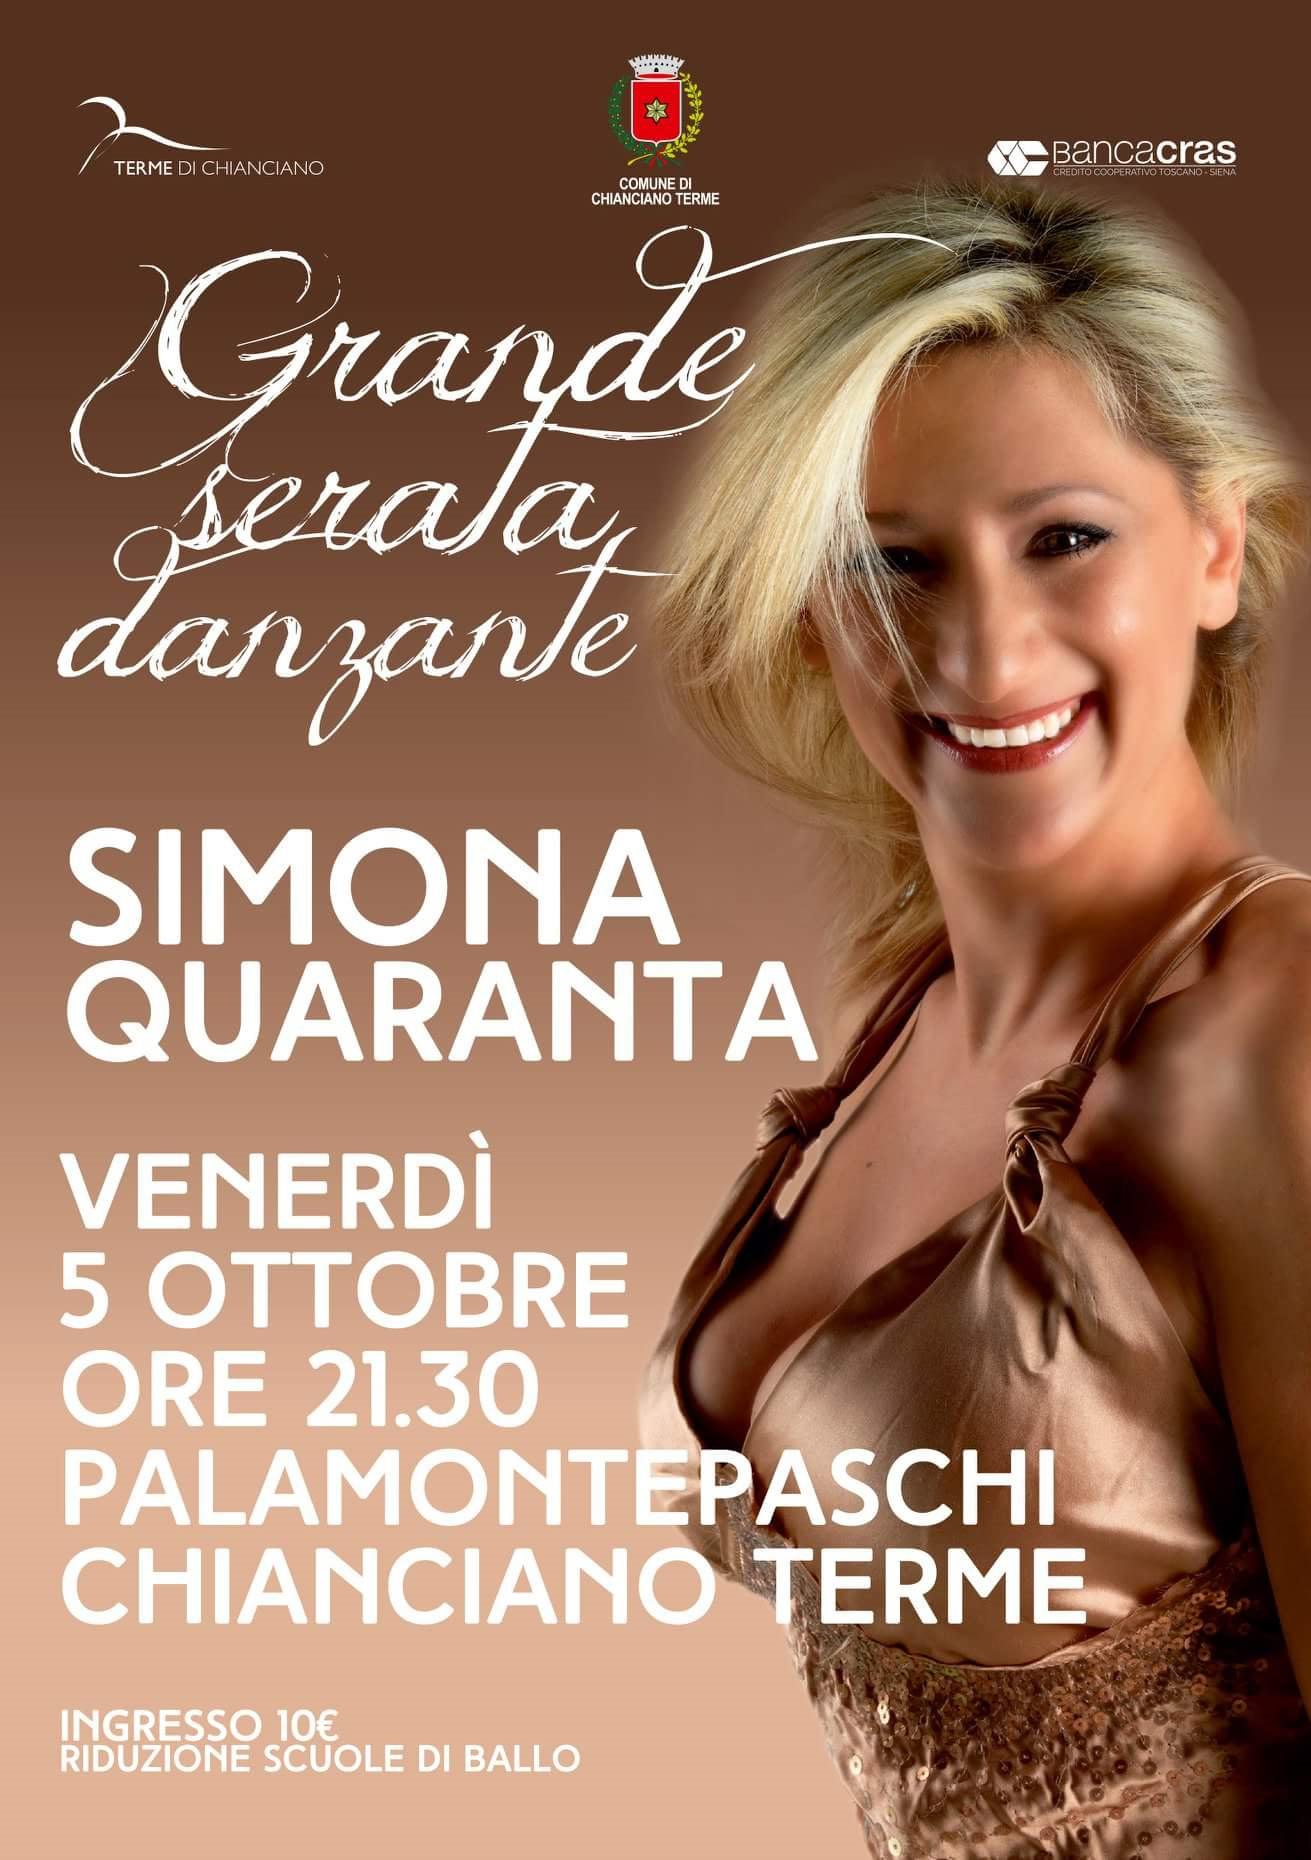 Simona Quaranta Calendario.Proloco Chianciano Terme News Informazioni Territorio